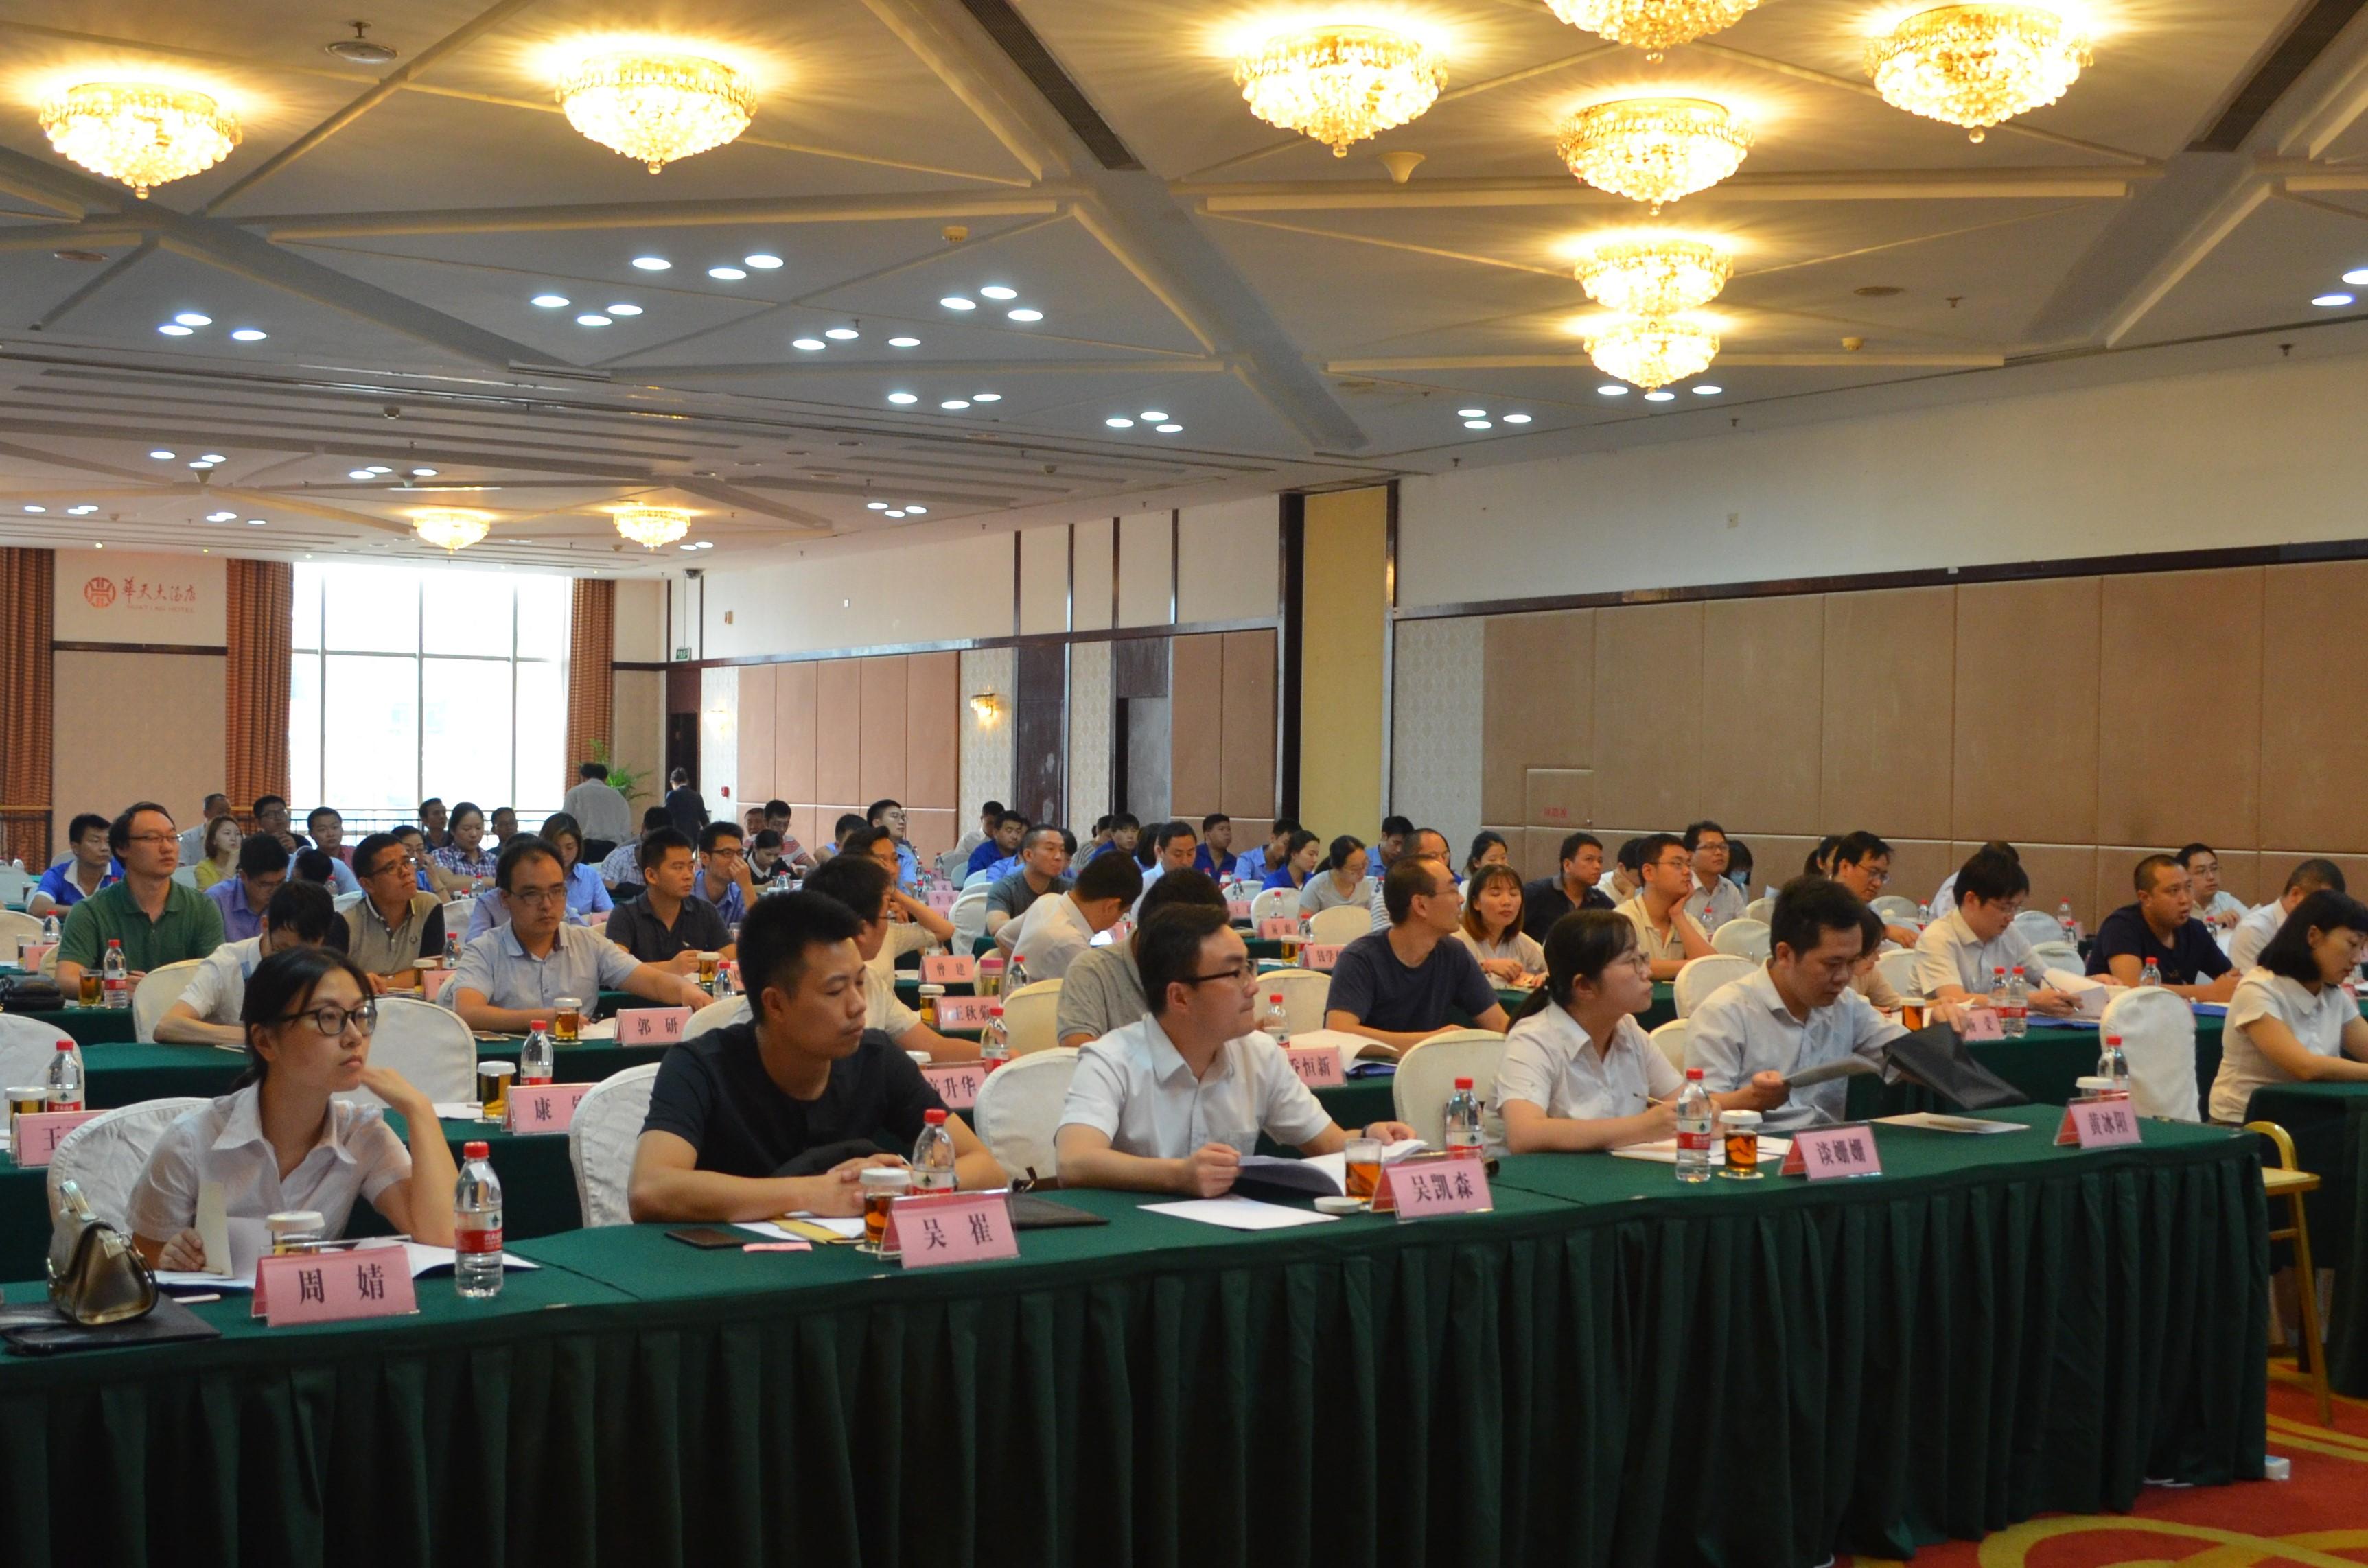 2017年湖北省国防科技工业预备党员培训现场